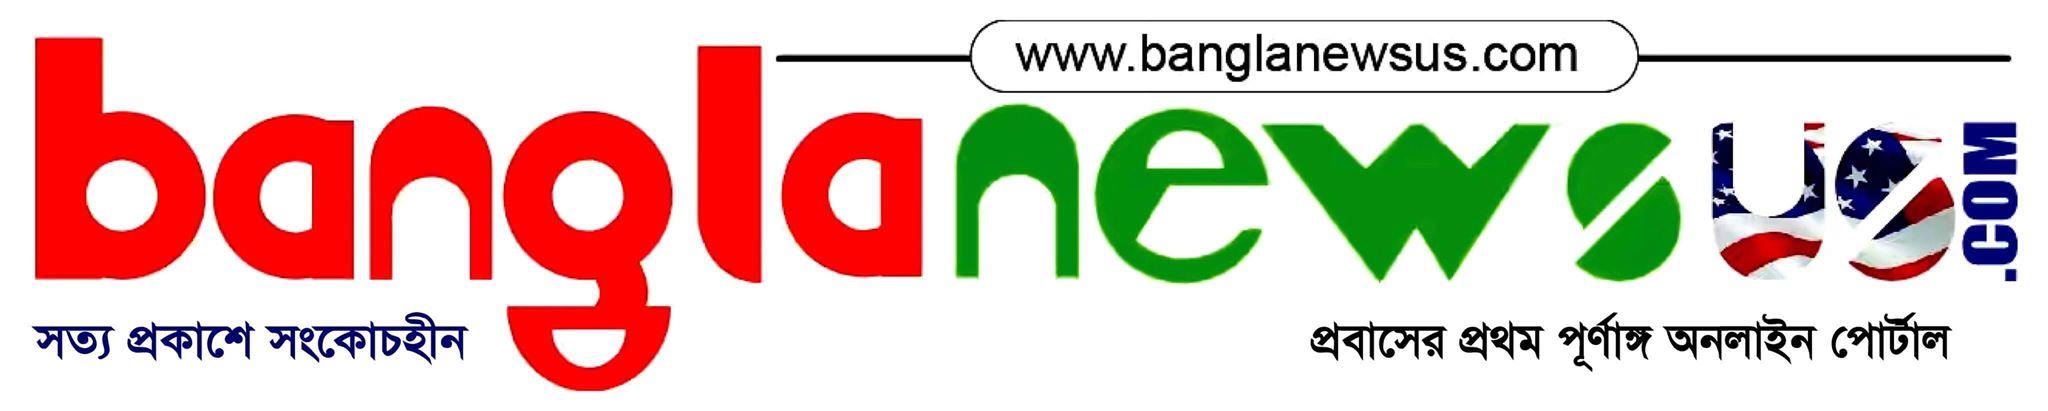 English-BanglaNewsUs